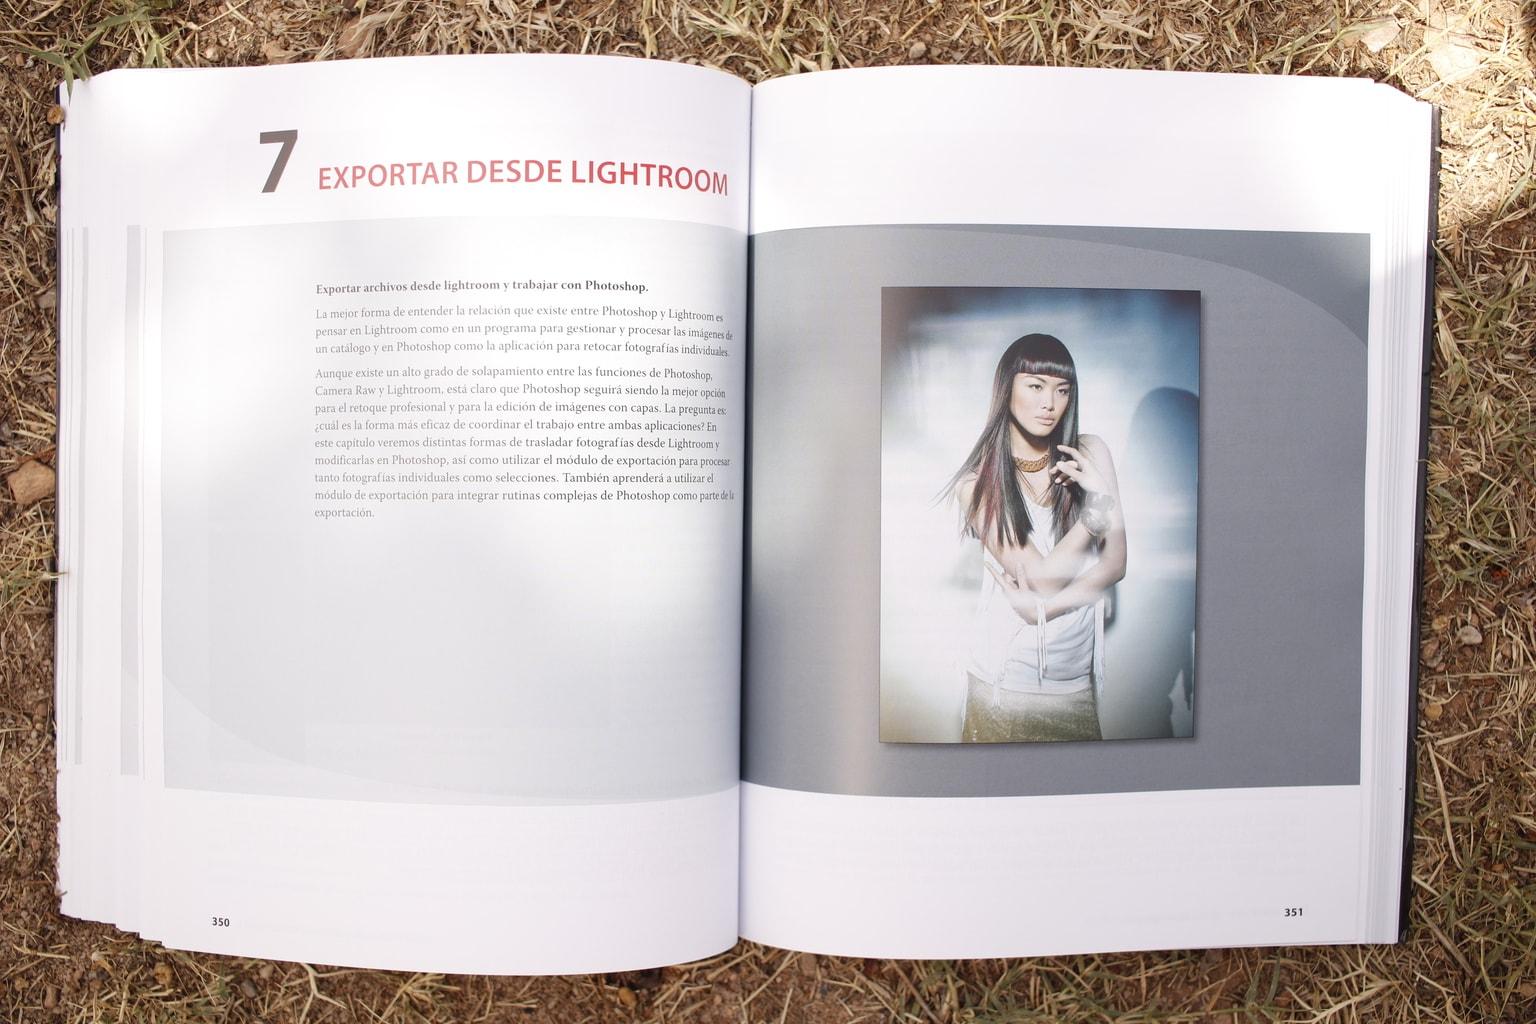 Exportar Libro La Guía Más Completa de Lightroom